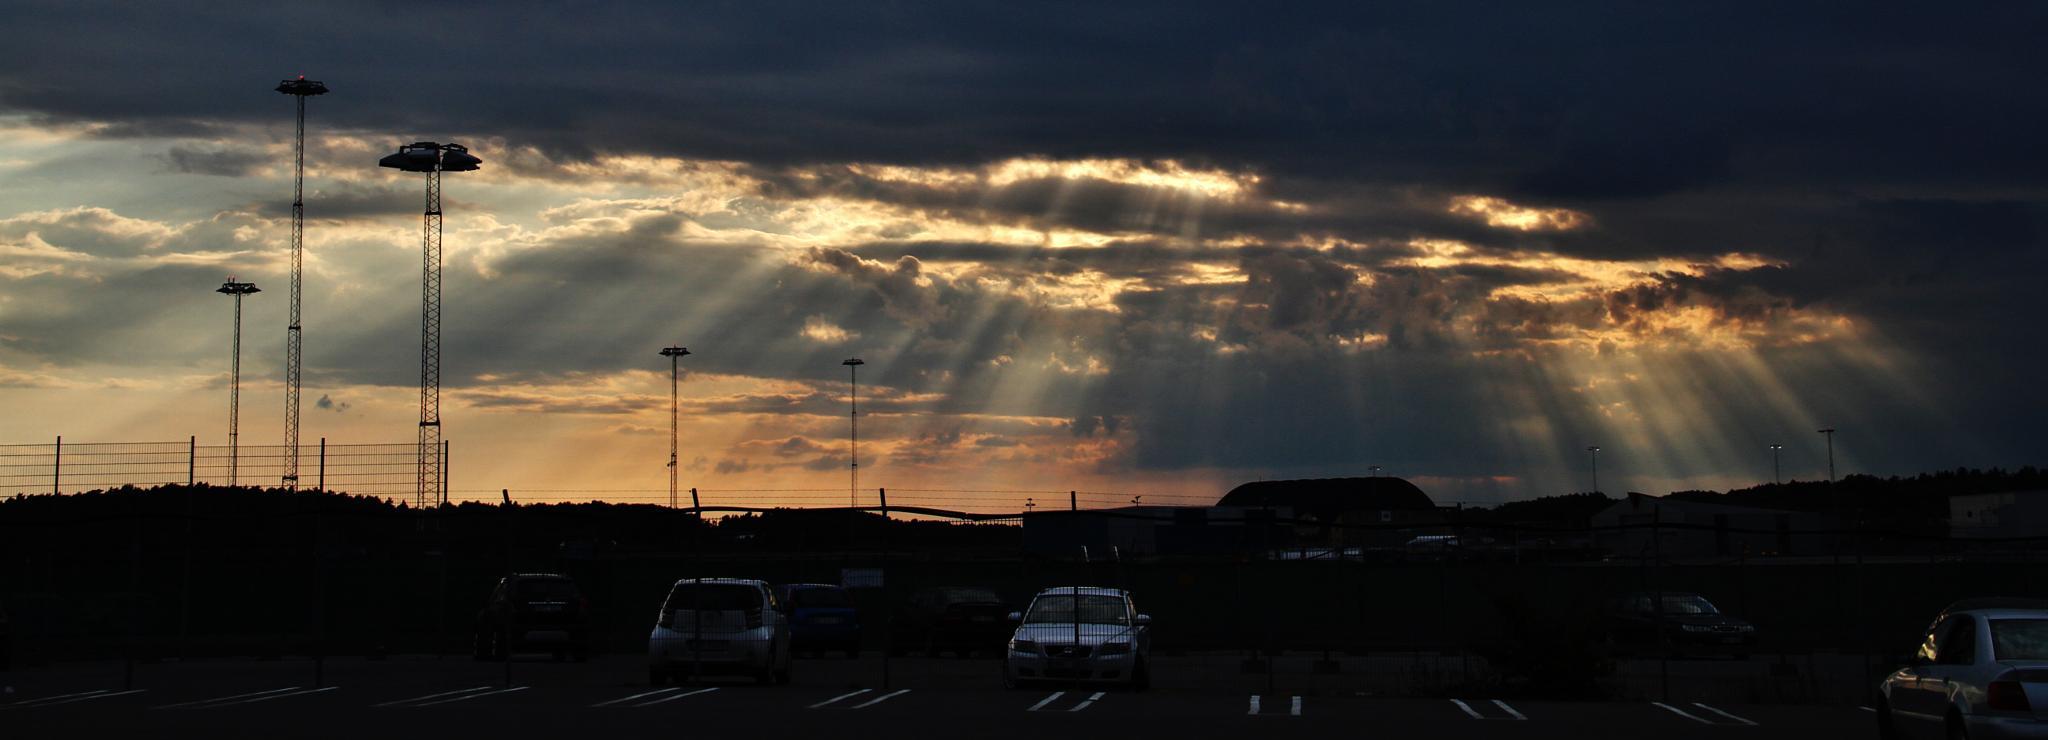 Sun thrue clouds... by Hans Andreas Alexander Müller